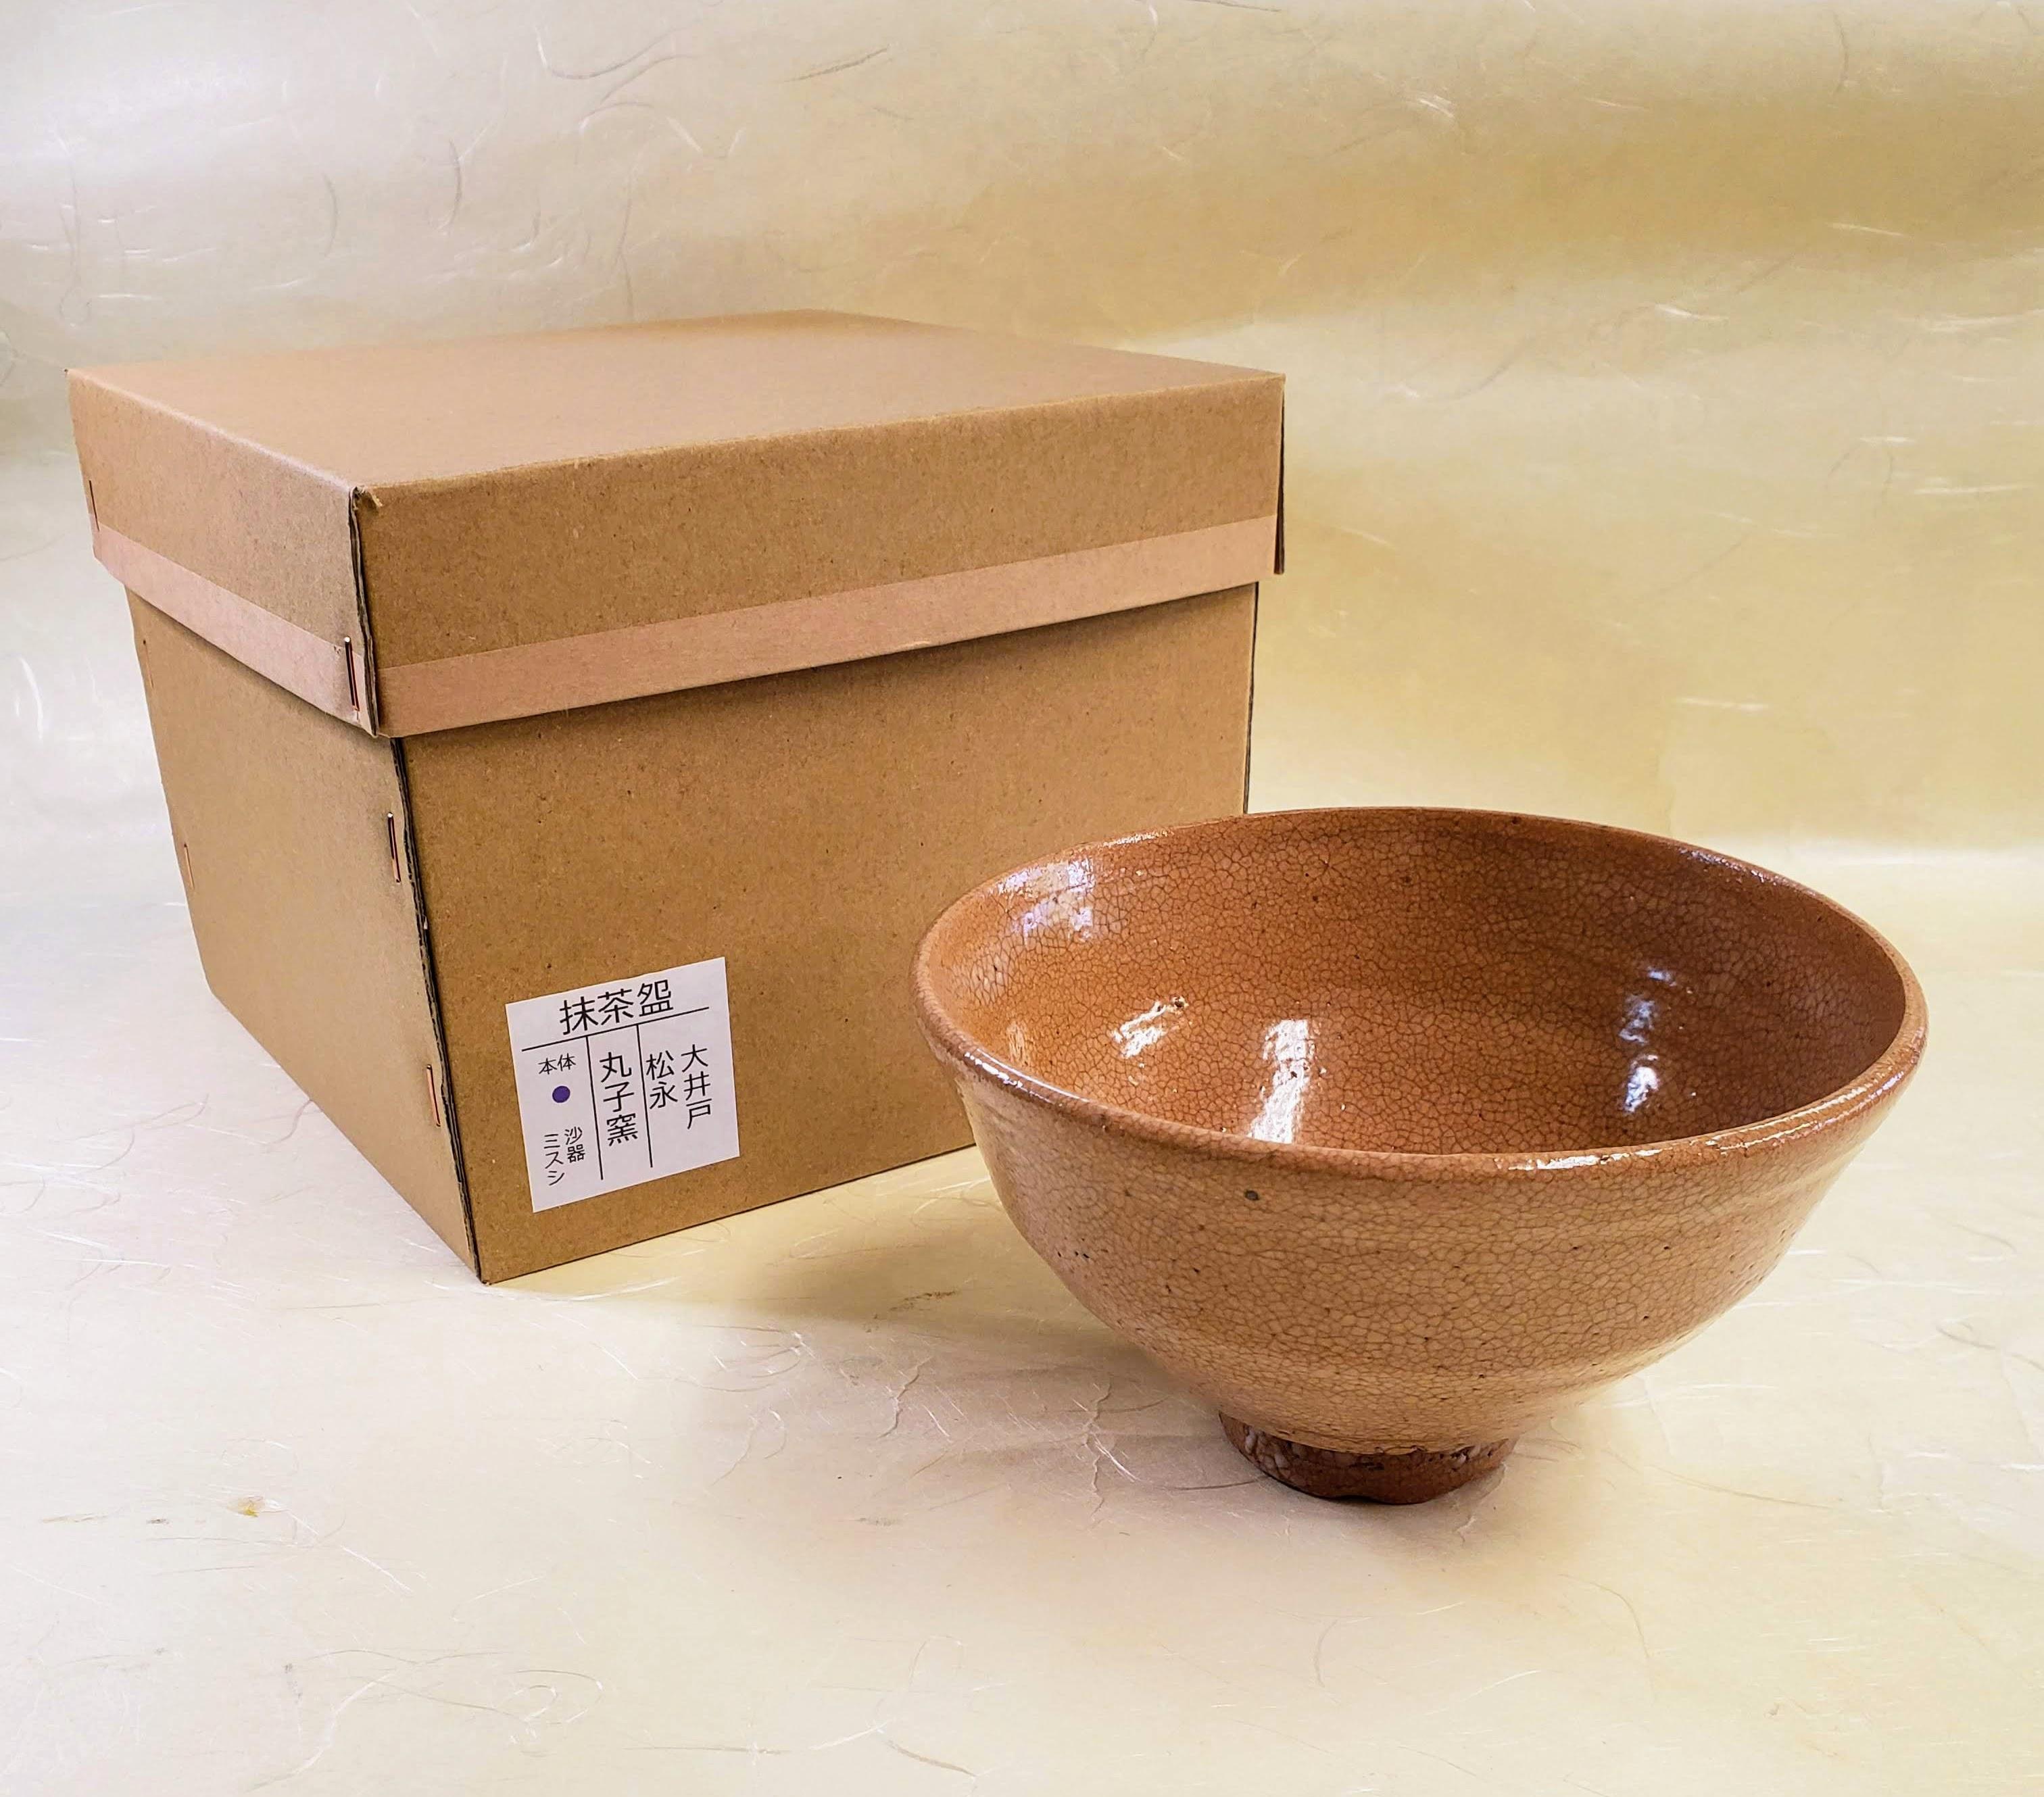 丸子窯 ②茶碗 大井戸 松永写